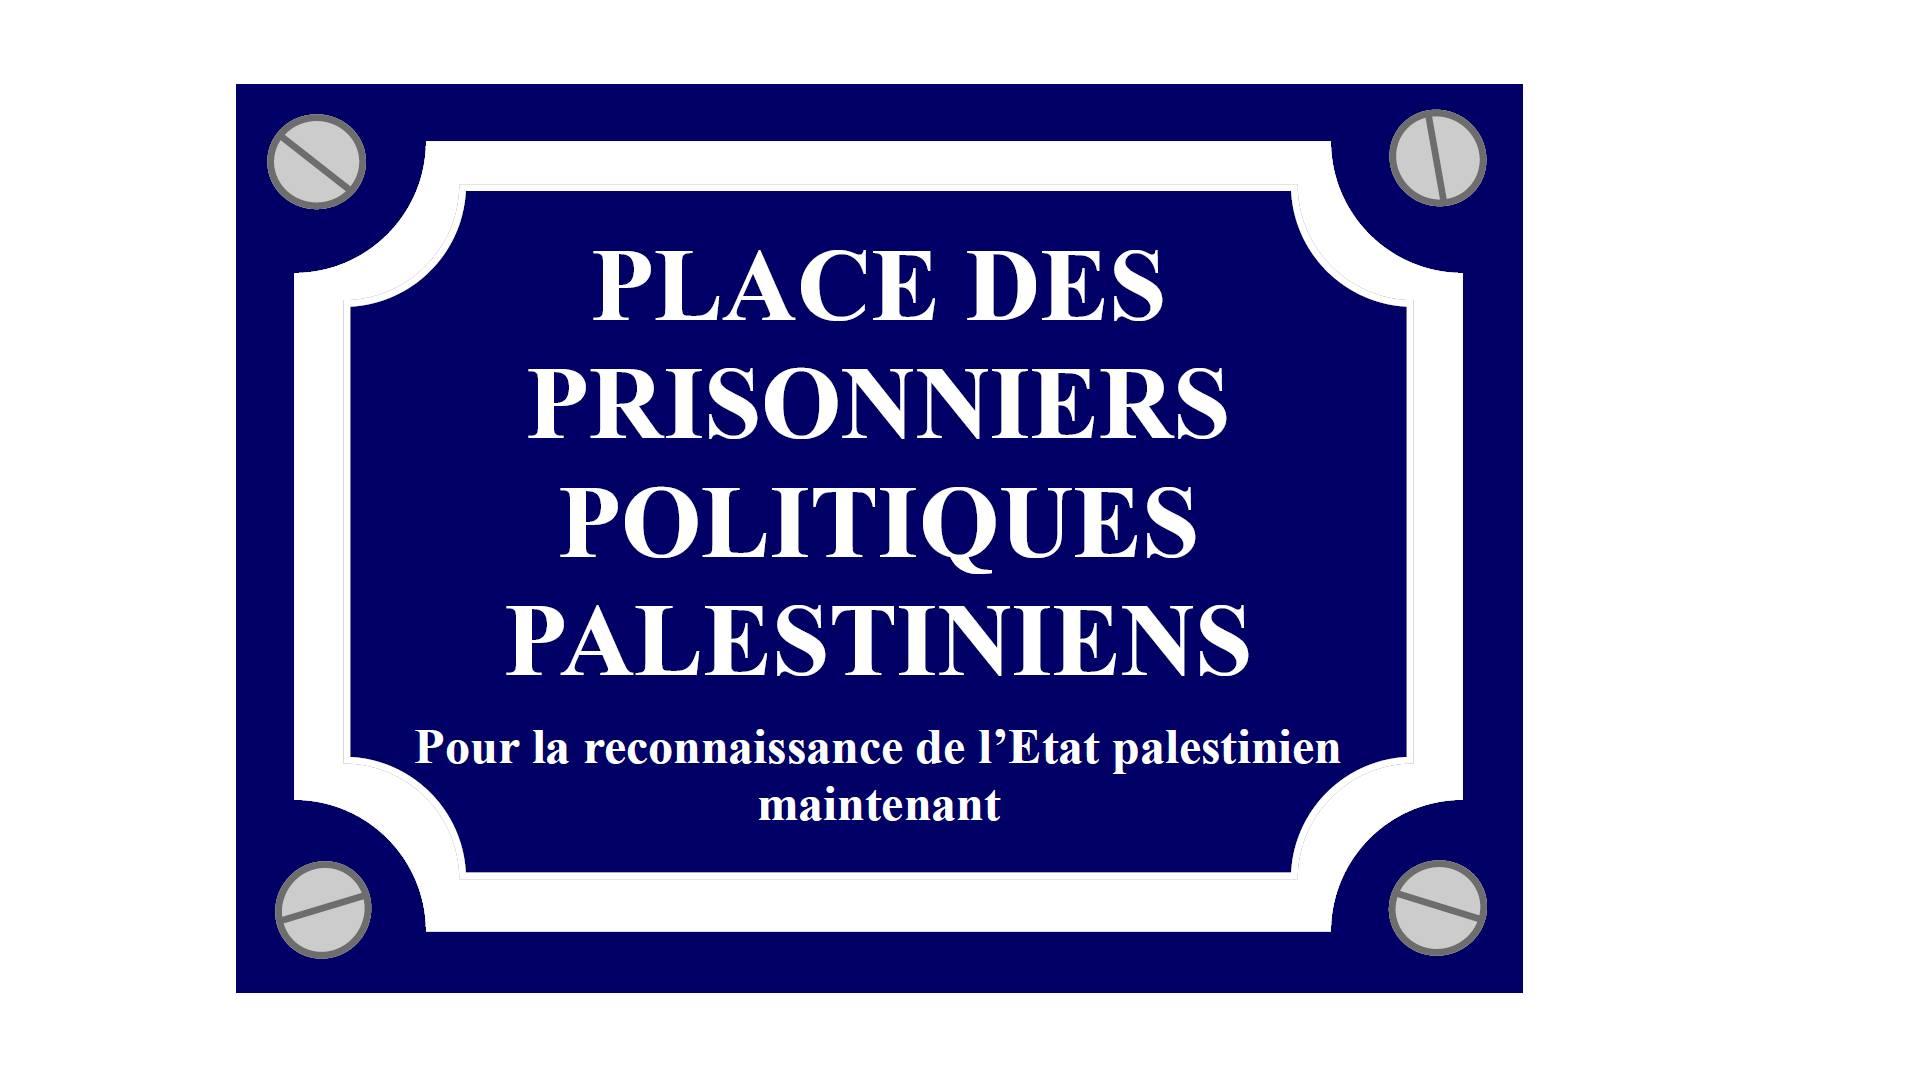 place_des_prisonniers.jpg